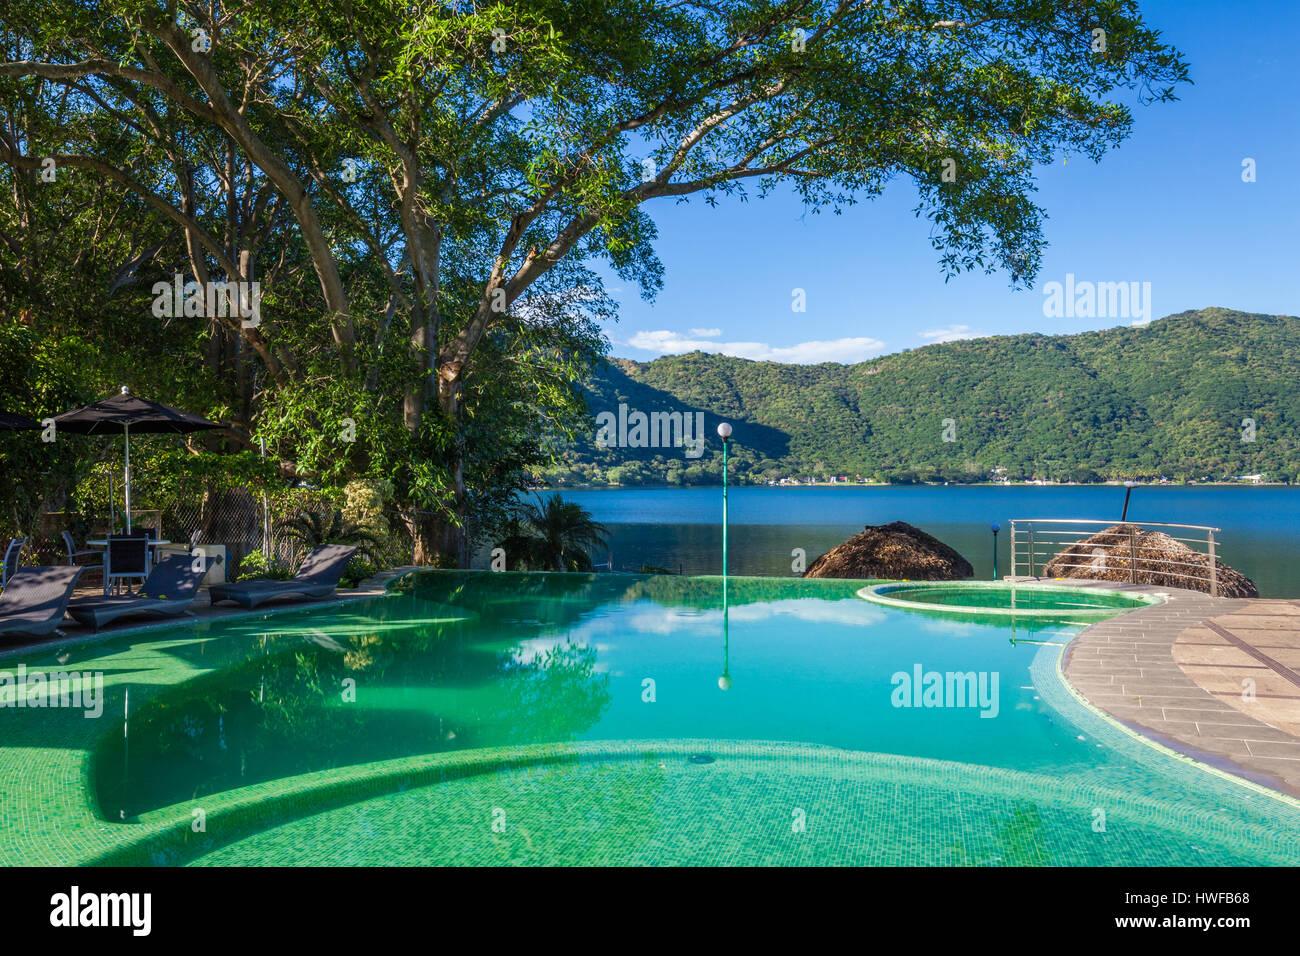 Piscina infinity en el lago de Santa María del Oro en Nayarit, México. Imagen De Stock